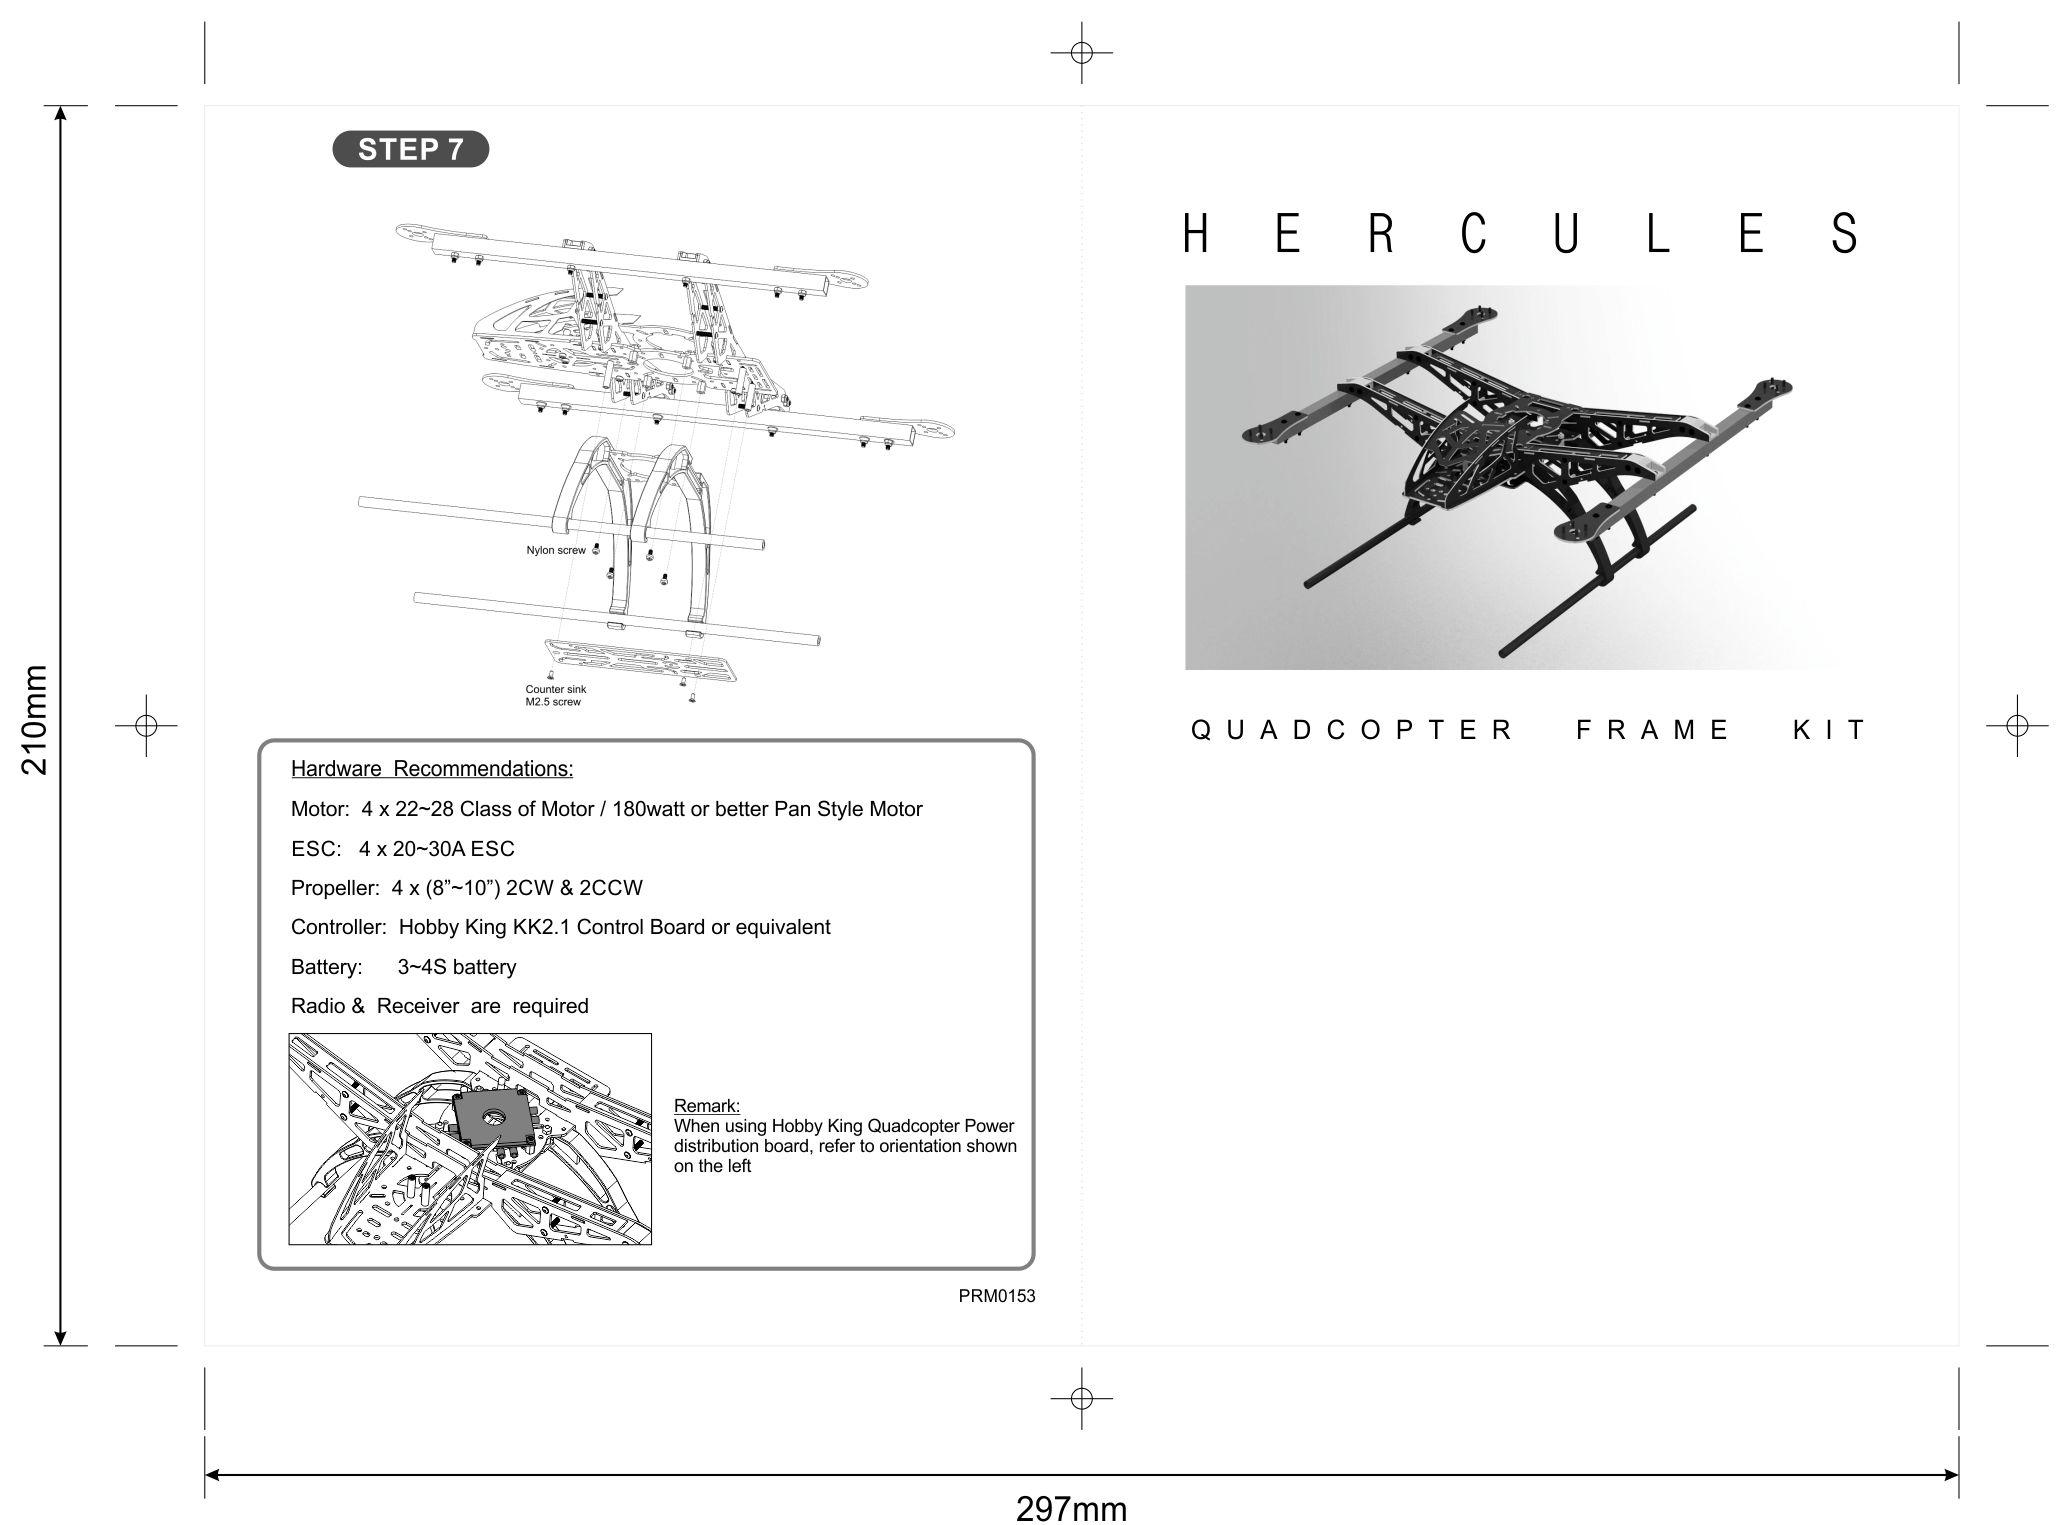 hercules 500mm quadcopter kit manual